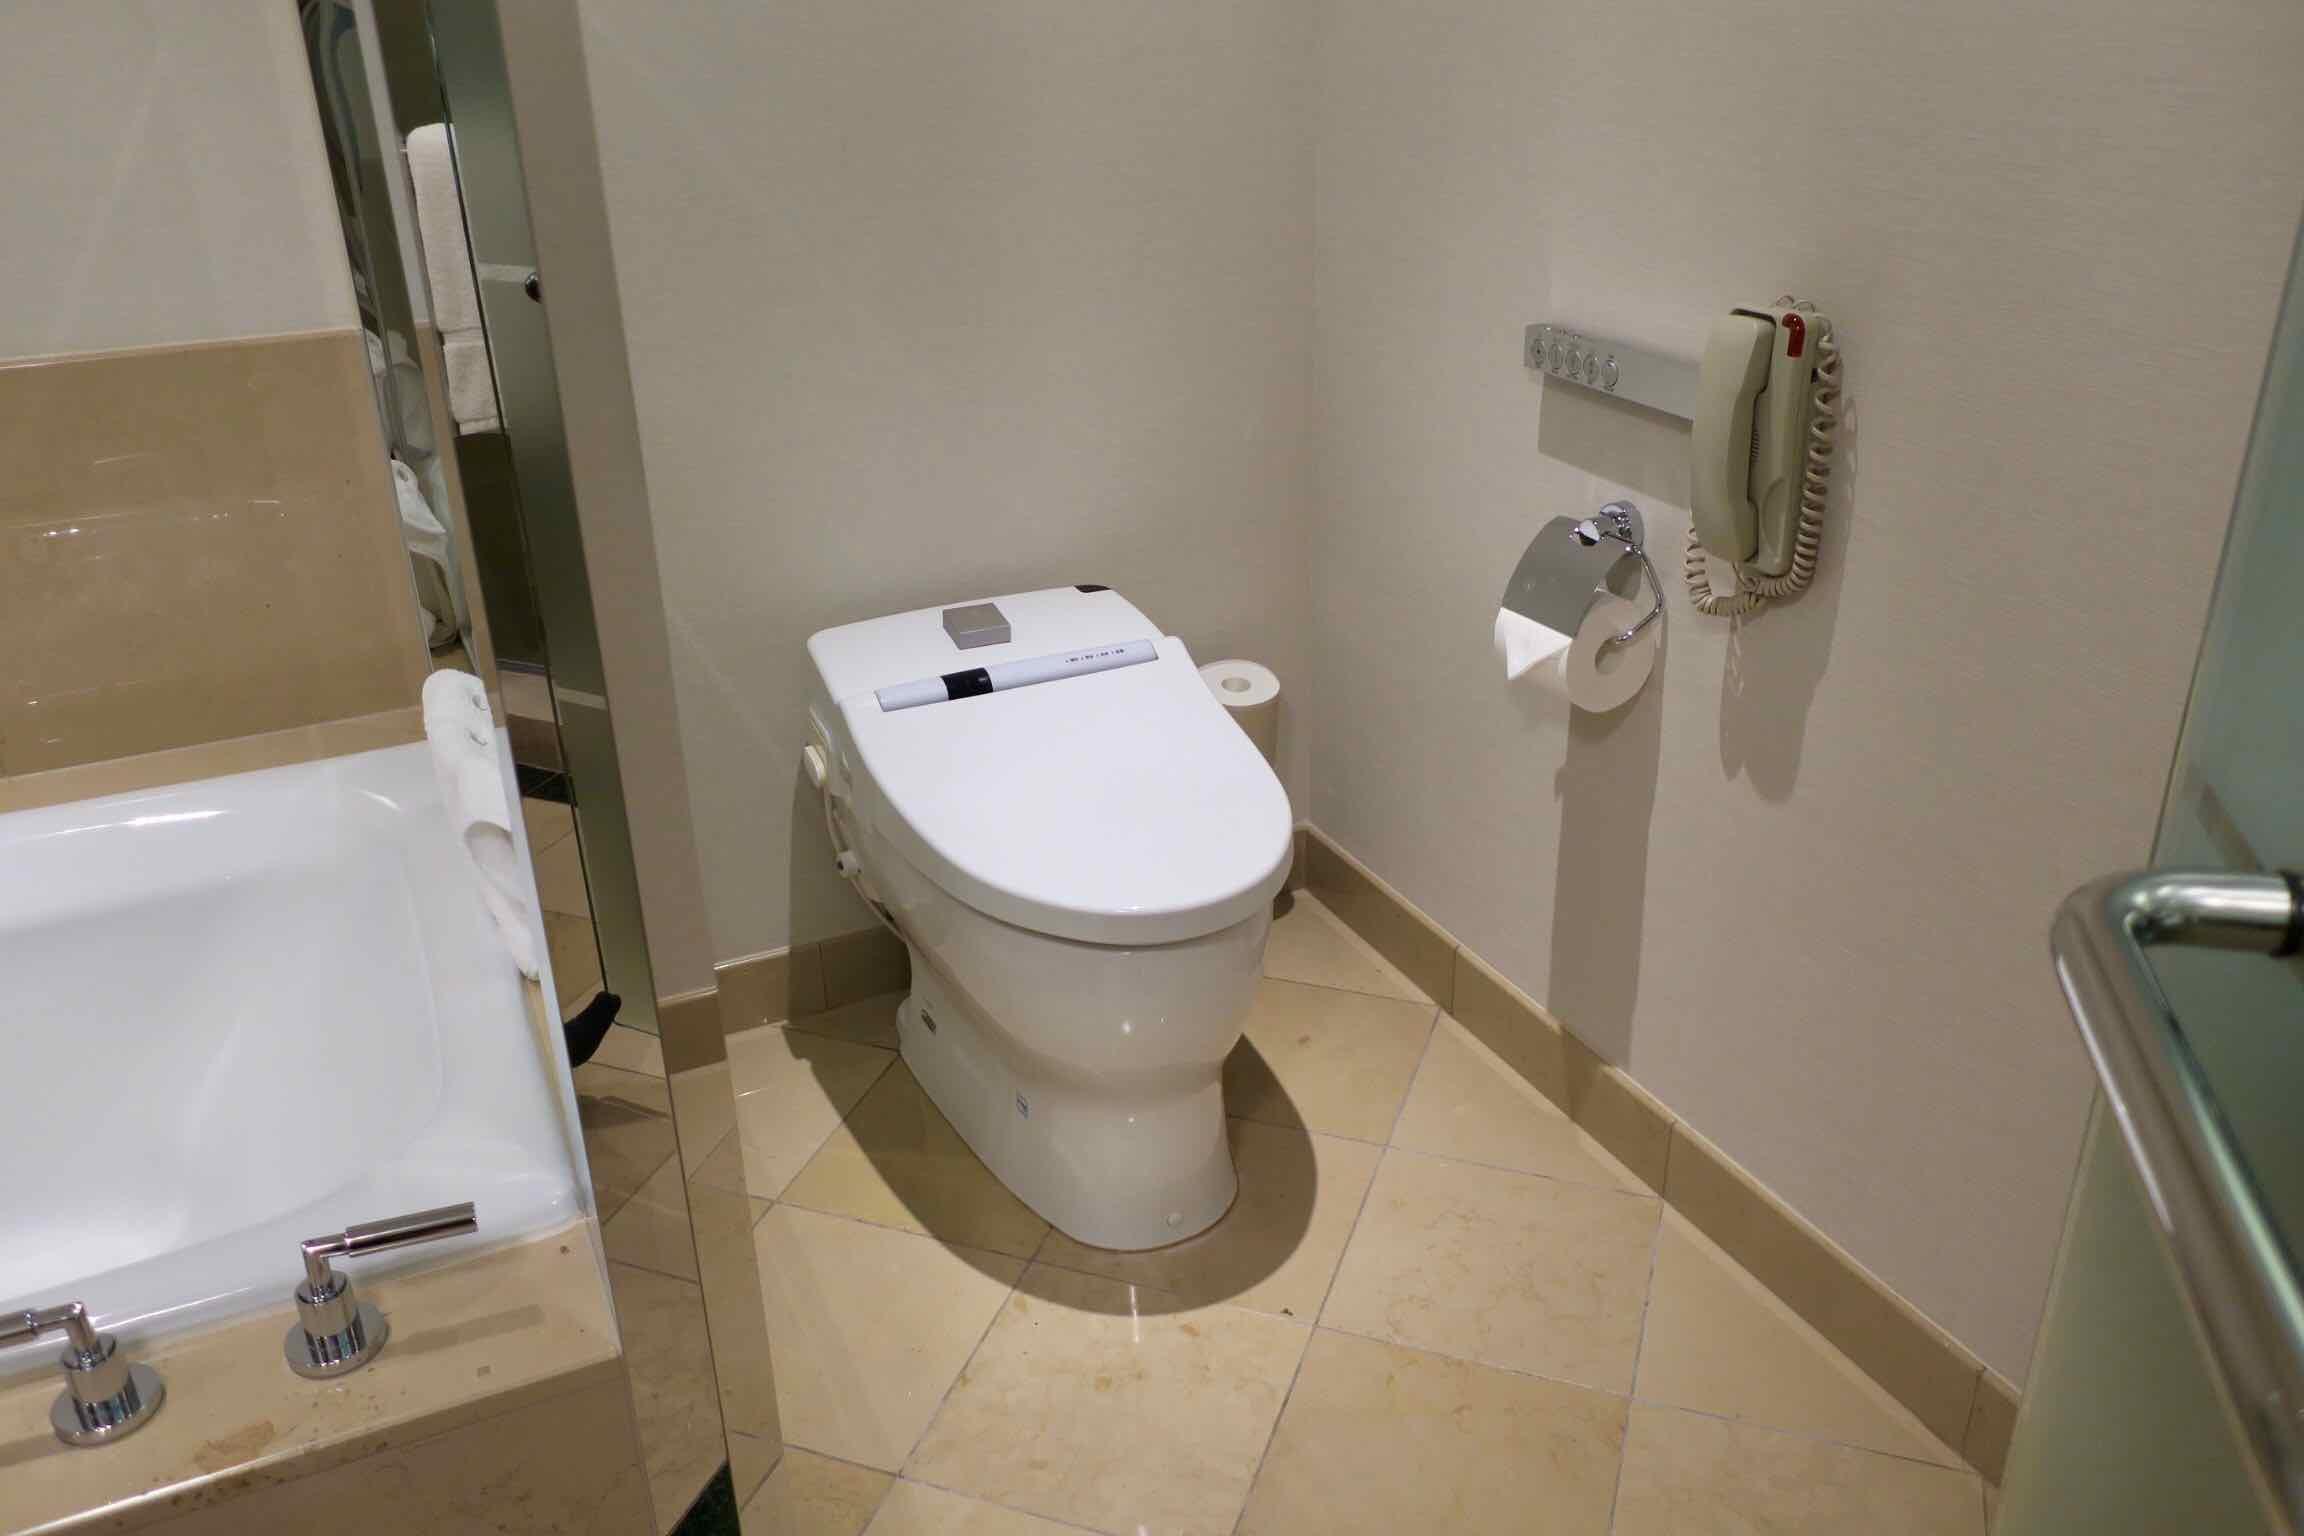 The Ritz-Carlton, Tokyo toilet